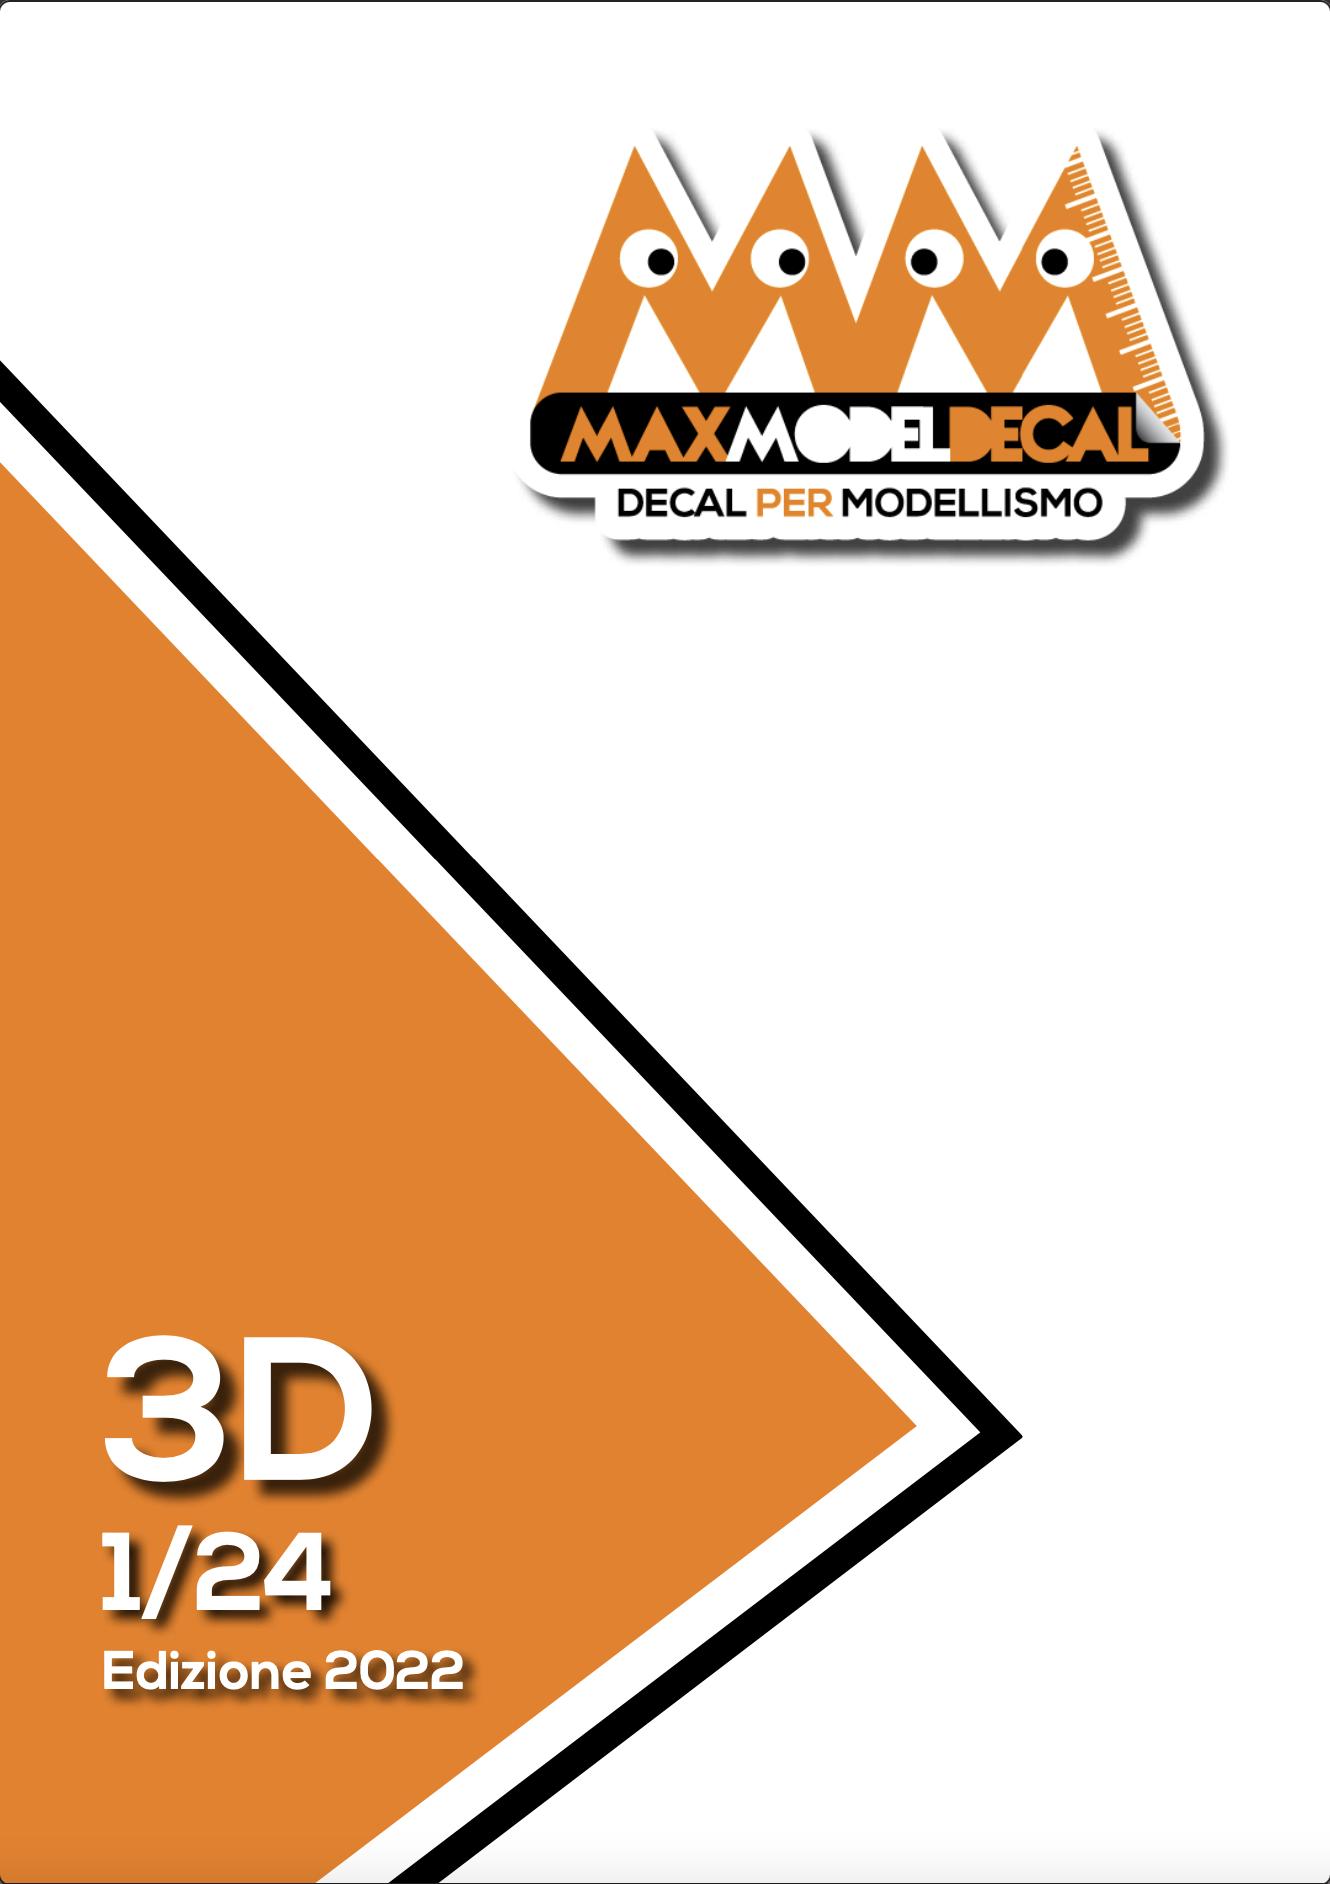 3D_24_2021.png